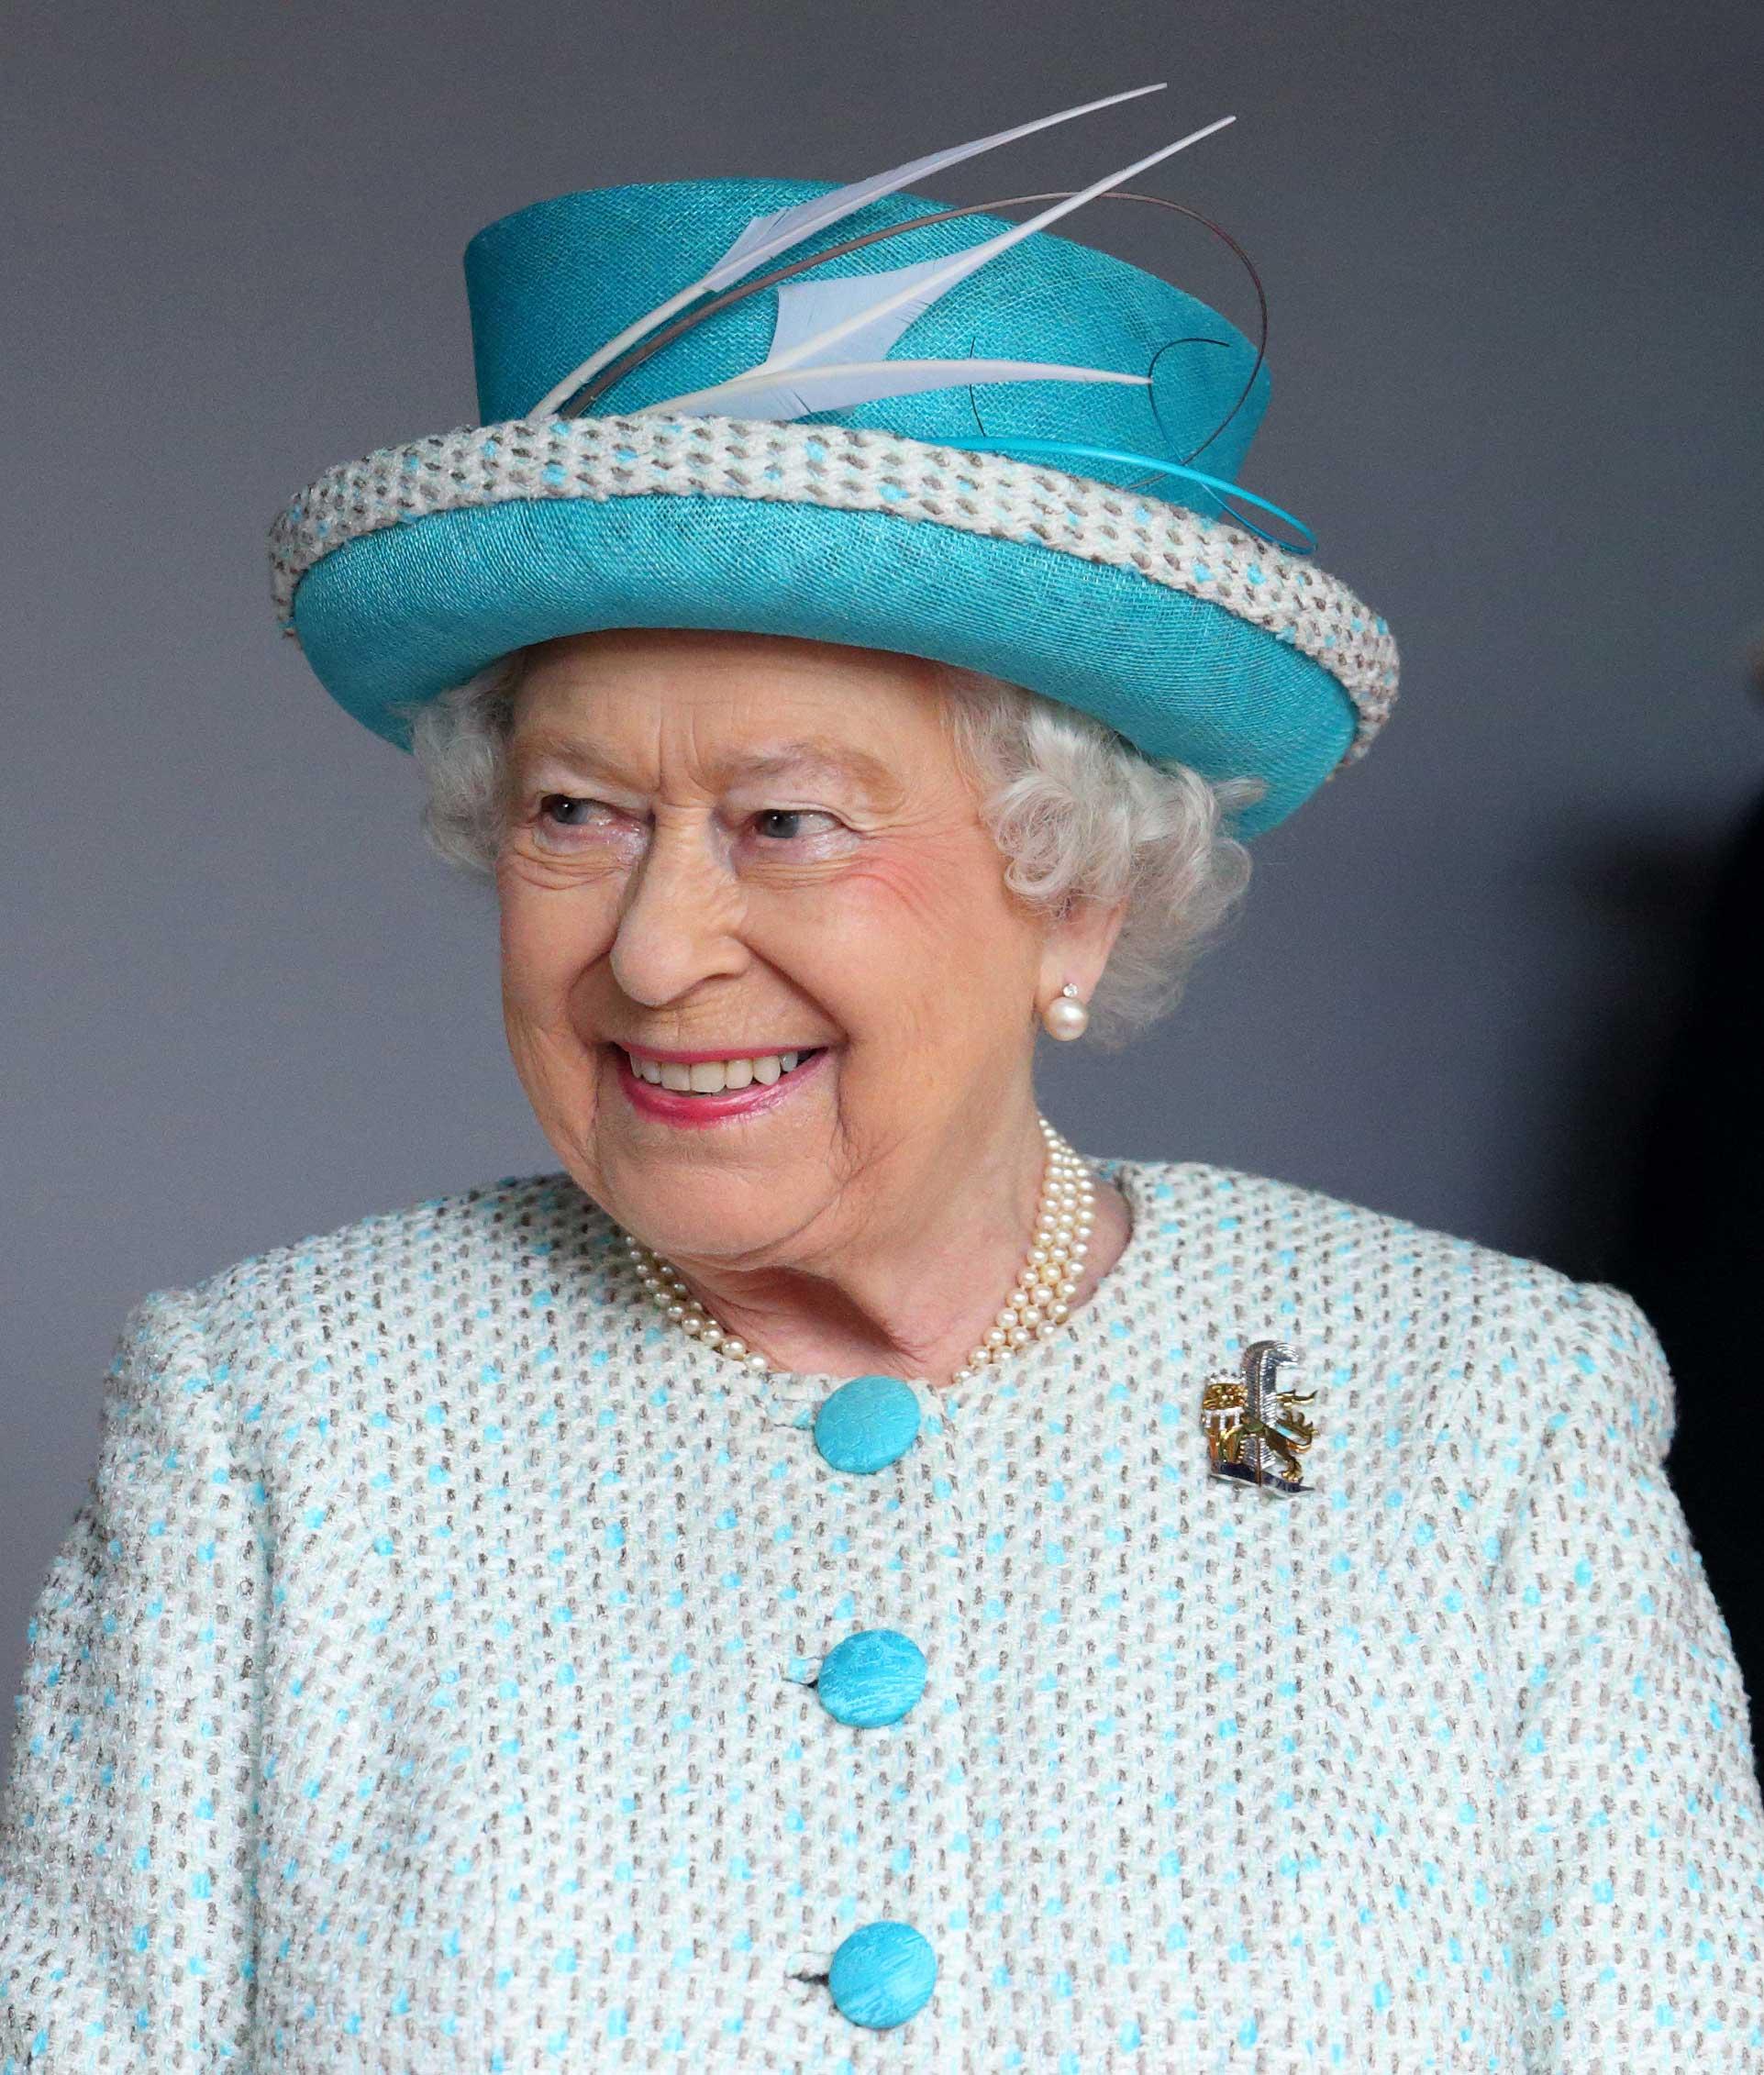 Queen Elizabeth II, Duke of Lancaster visits Lancaster Castle on May 29, 2015 in Lancaster, England.